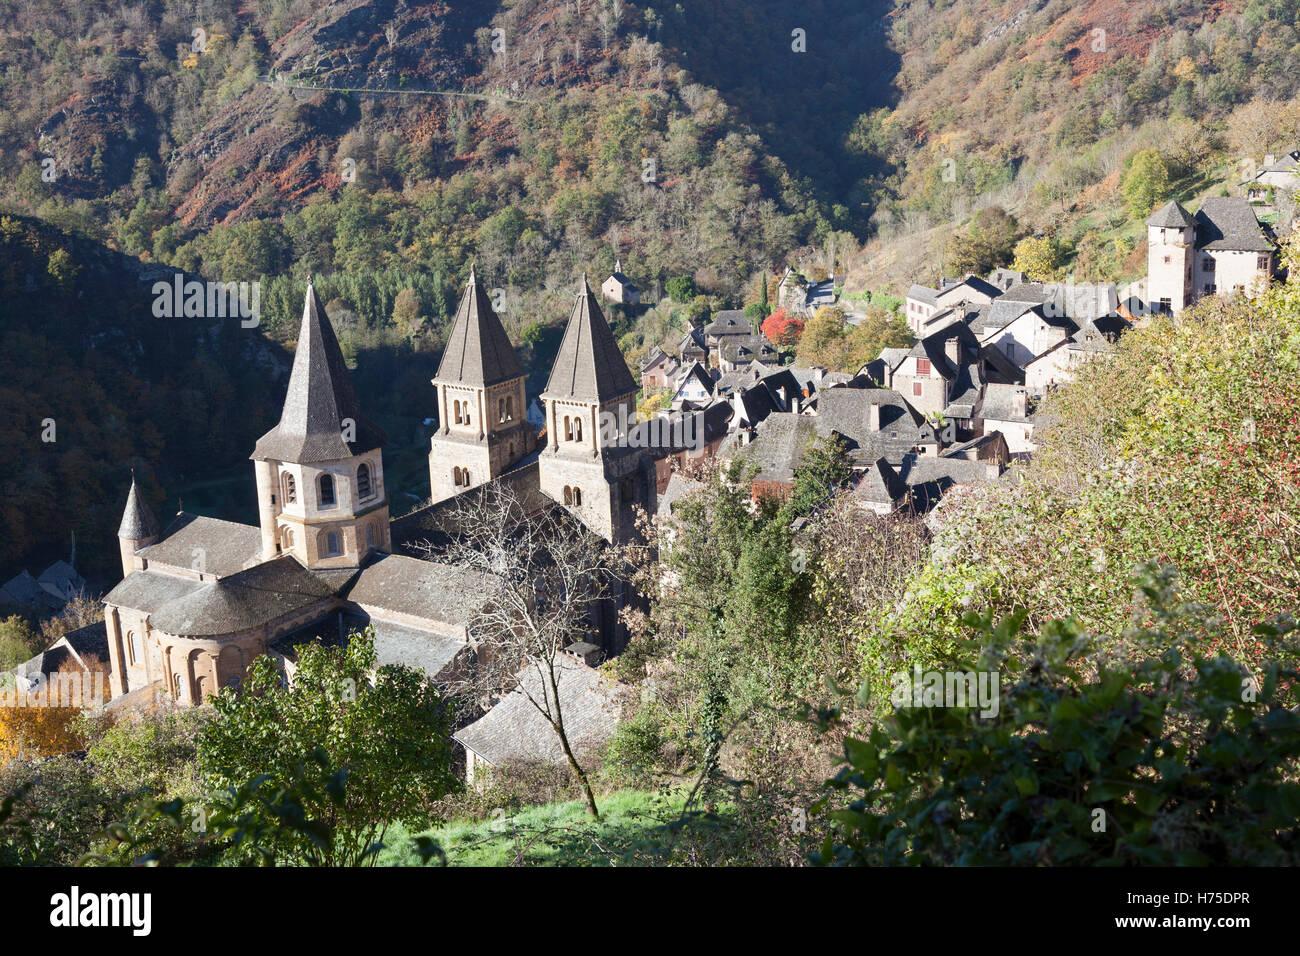 Ein hohen Winkel auf das Dorf von Conques (Frankreich) von einem herbstlichen Morgen erschossen. Contre-Plongée Stockbild